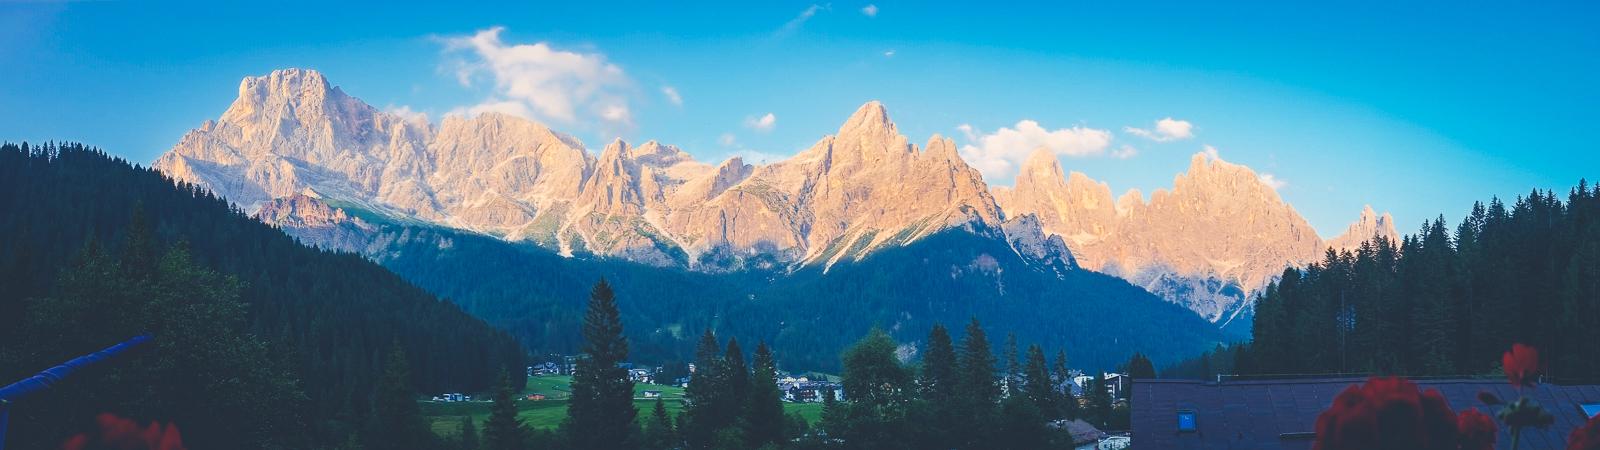 Dolomites Panorama (San Martino de Castrozza)